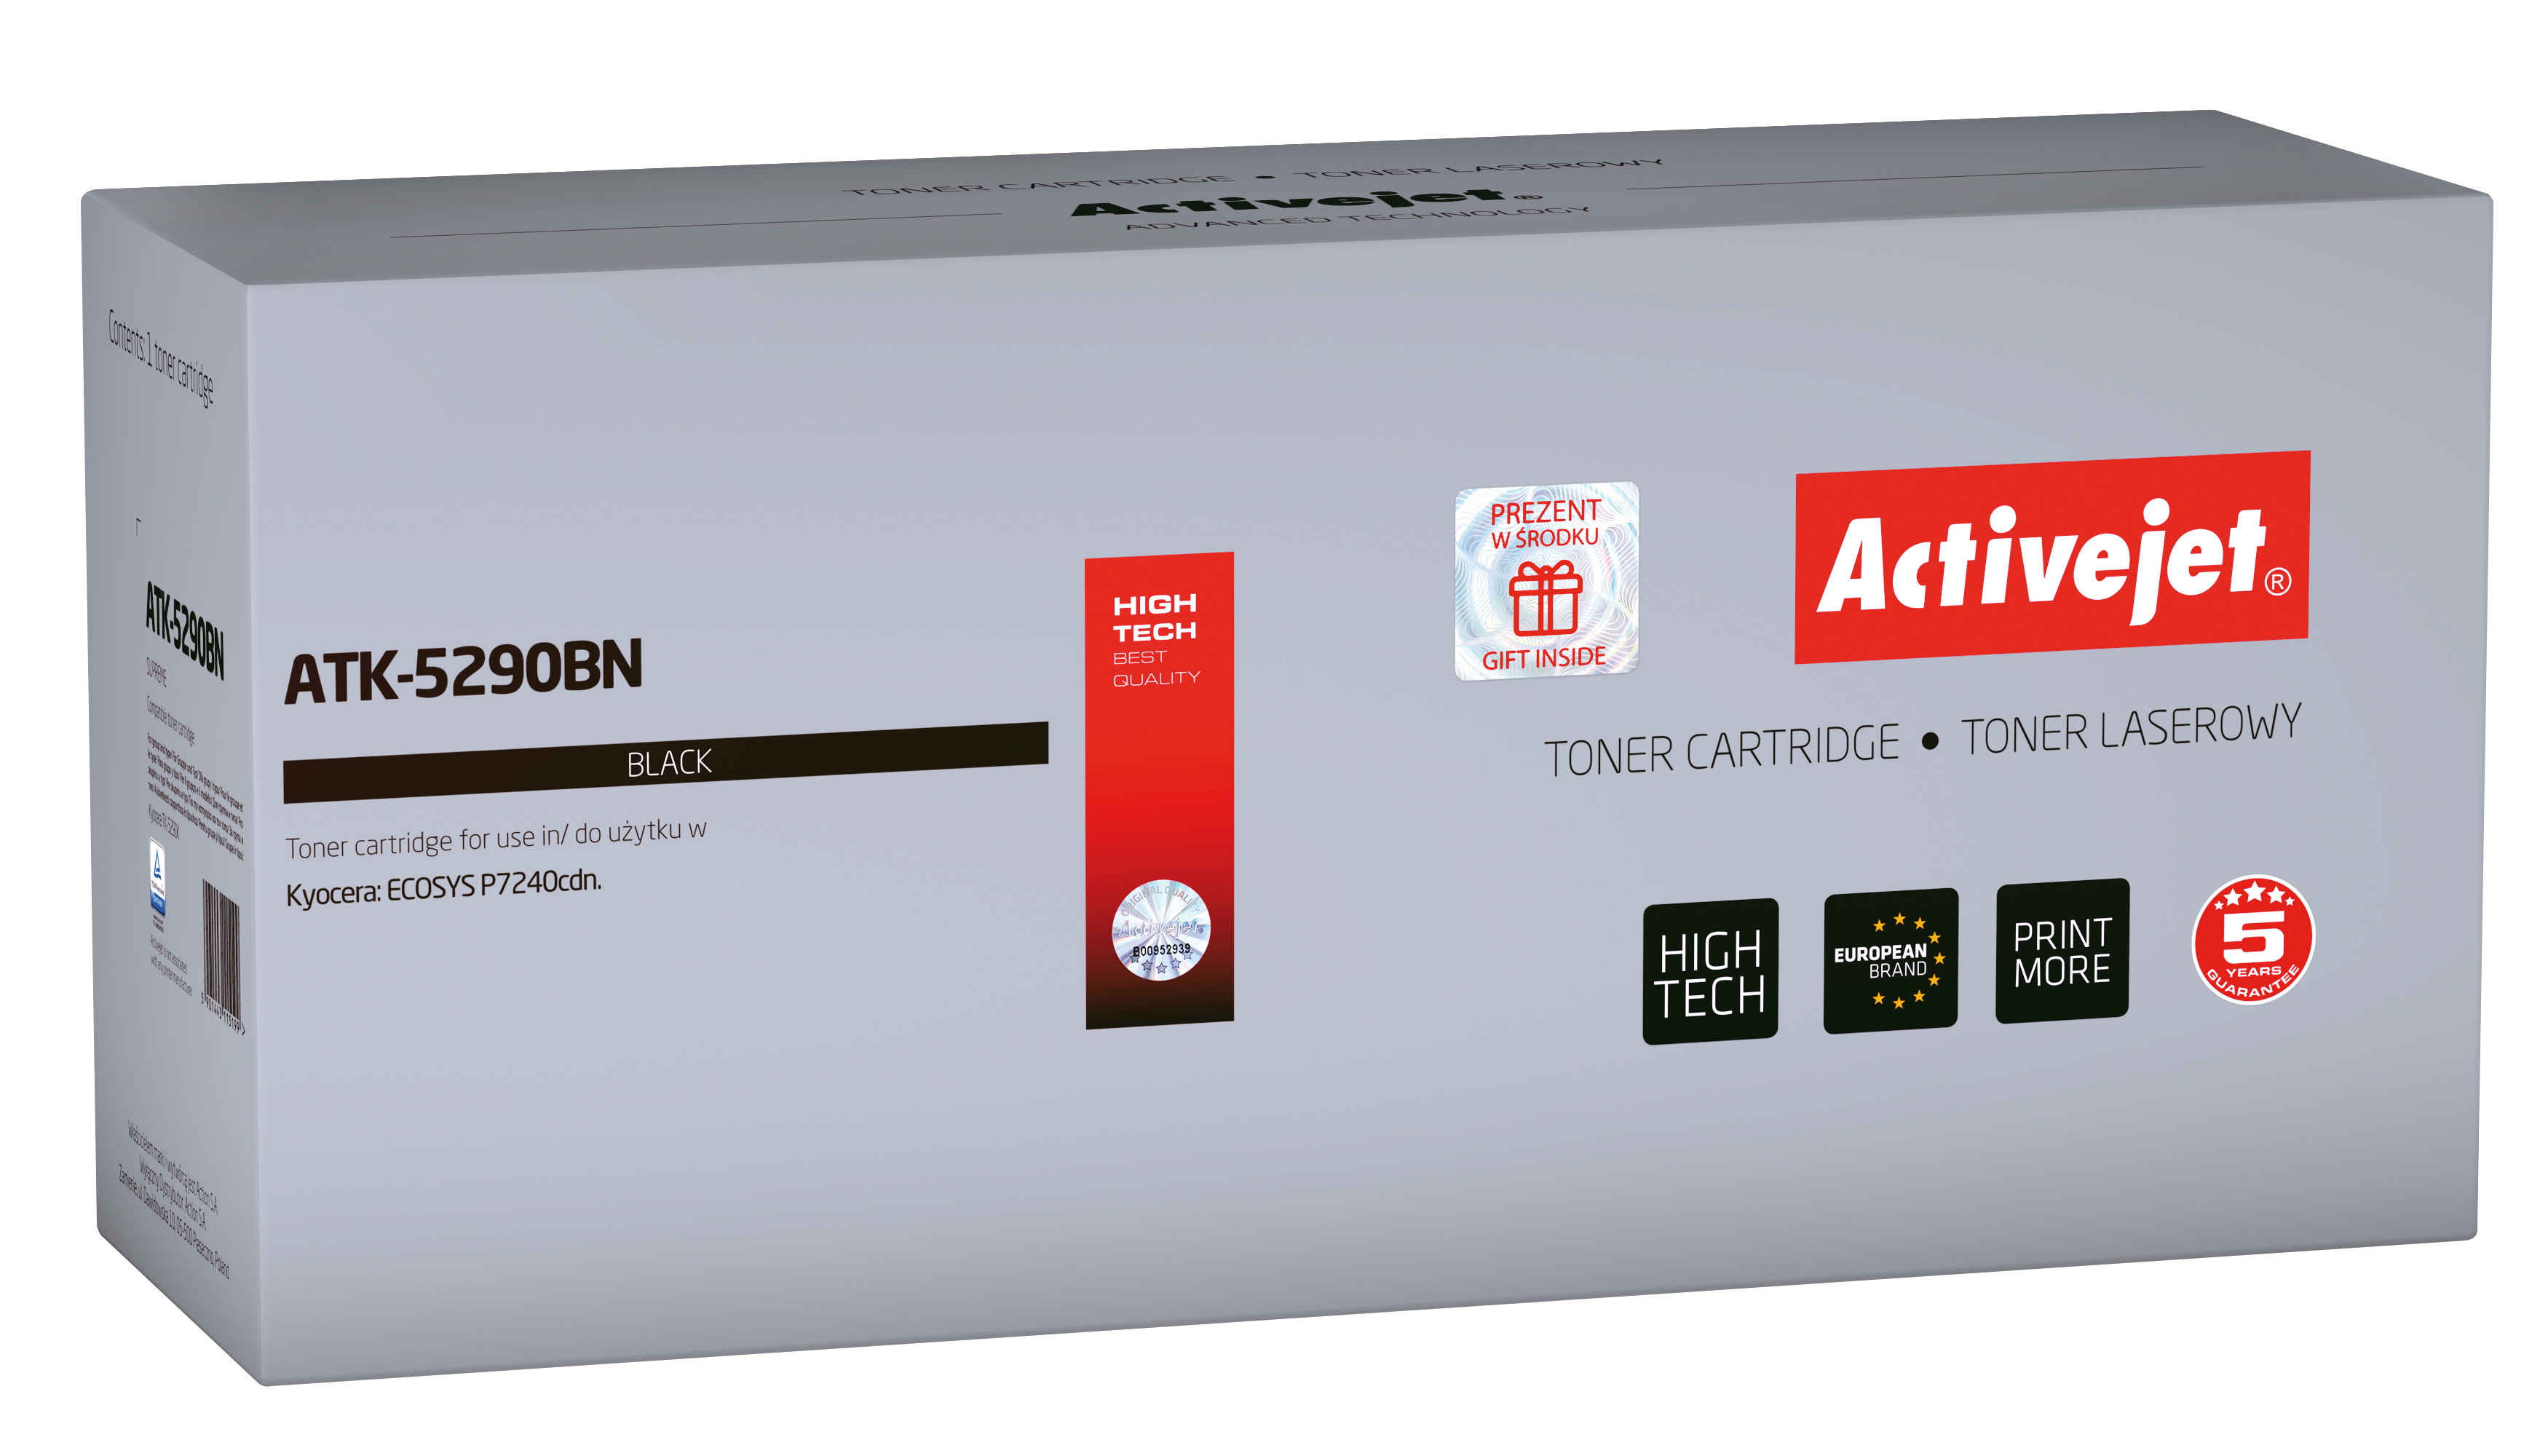 Toner Activejet  ATK-5290BN do drukarki Kyocera, Zamiennik Kyocera TK-5290K; Supreme; 17000 stron; Czarny.